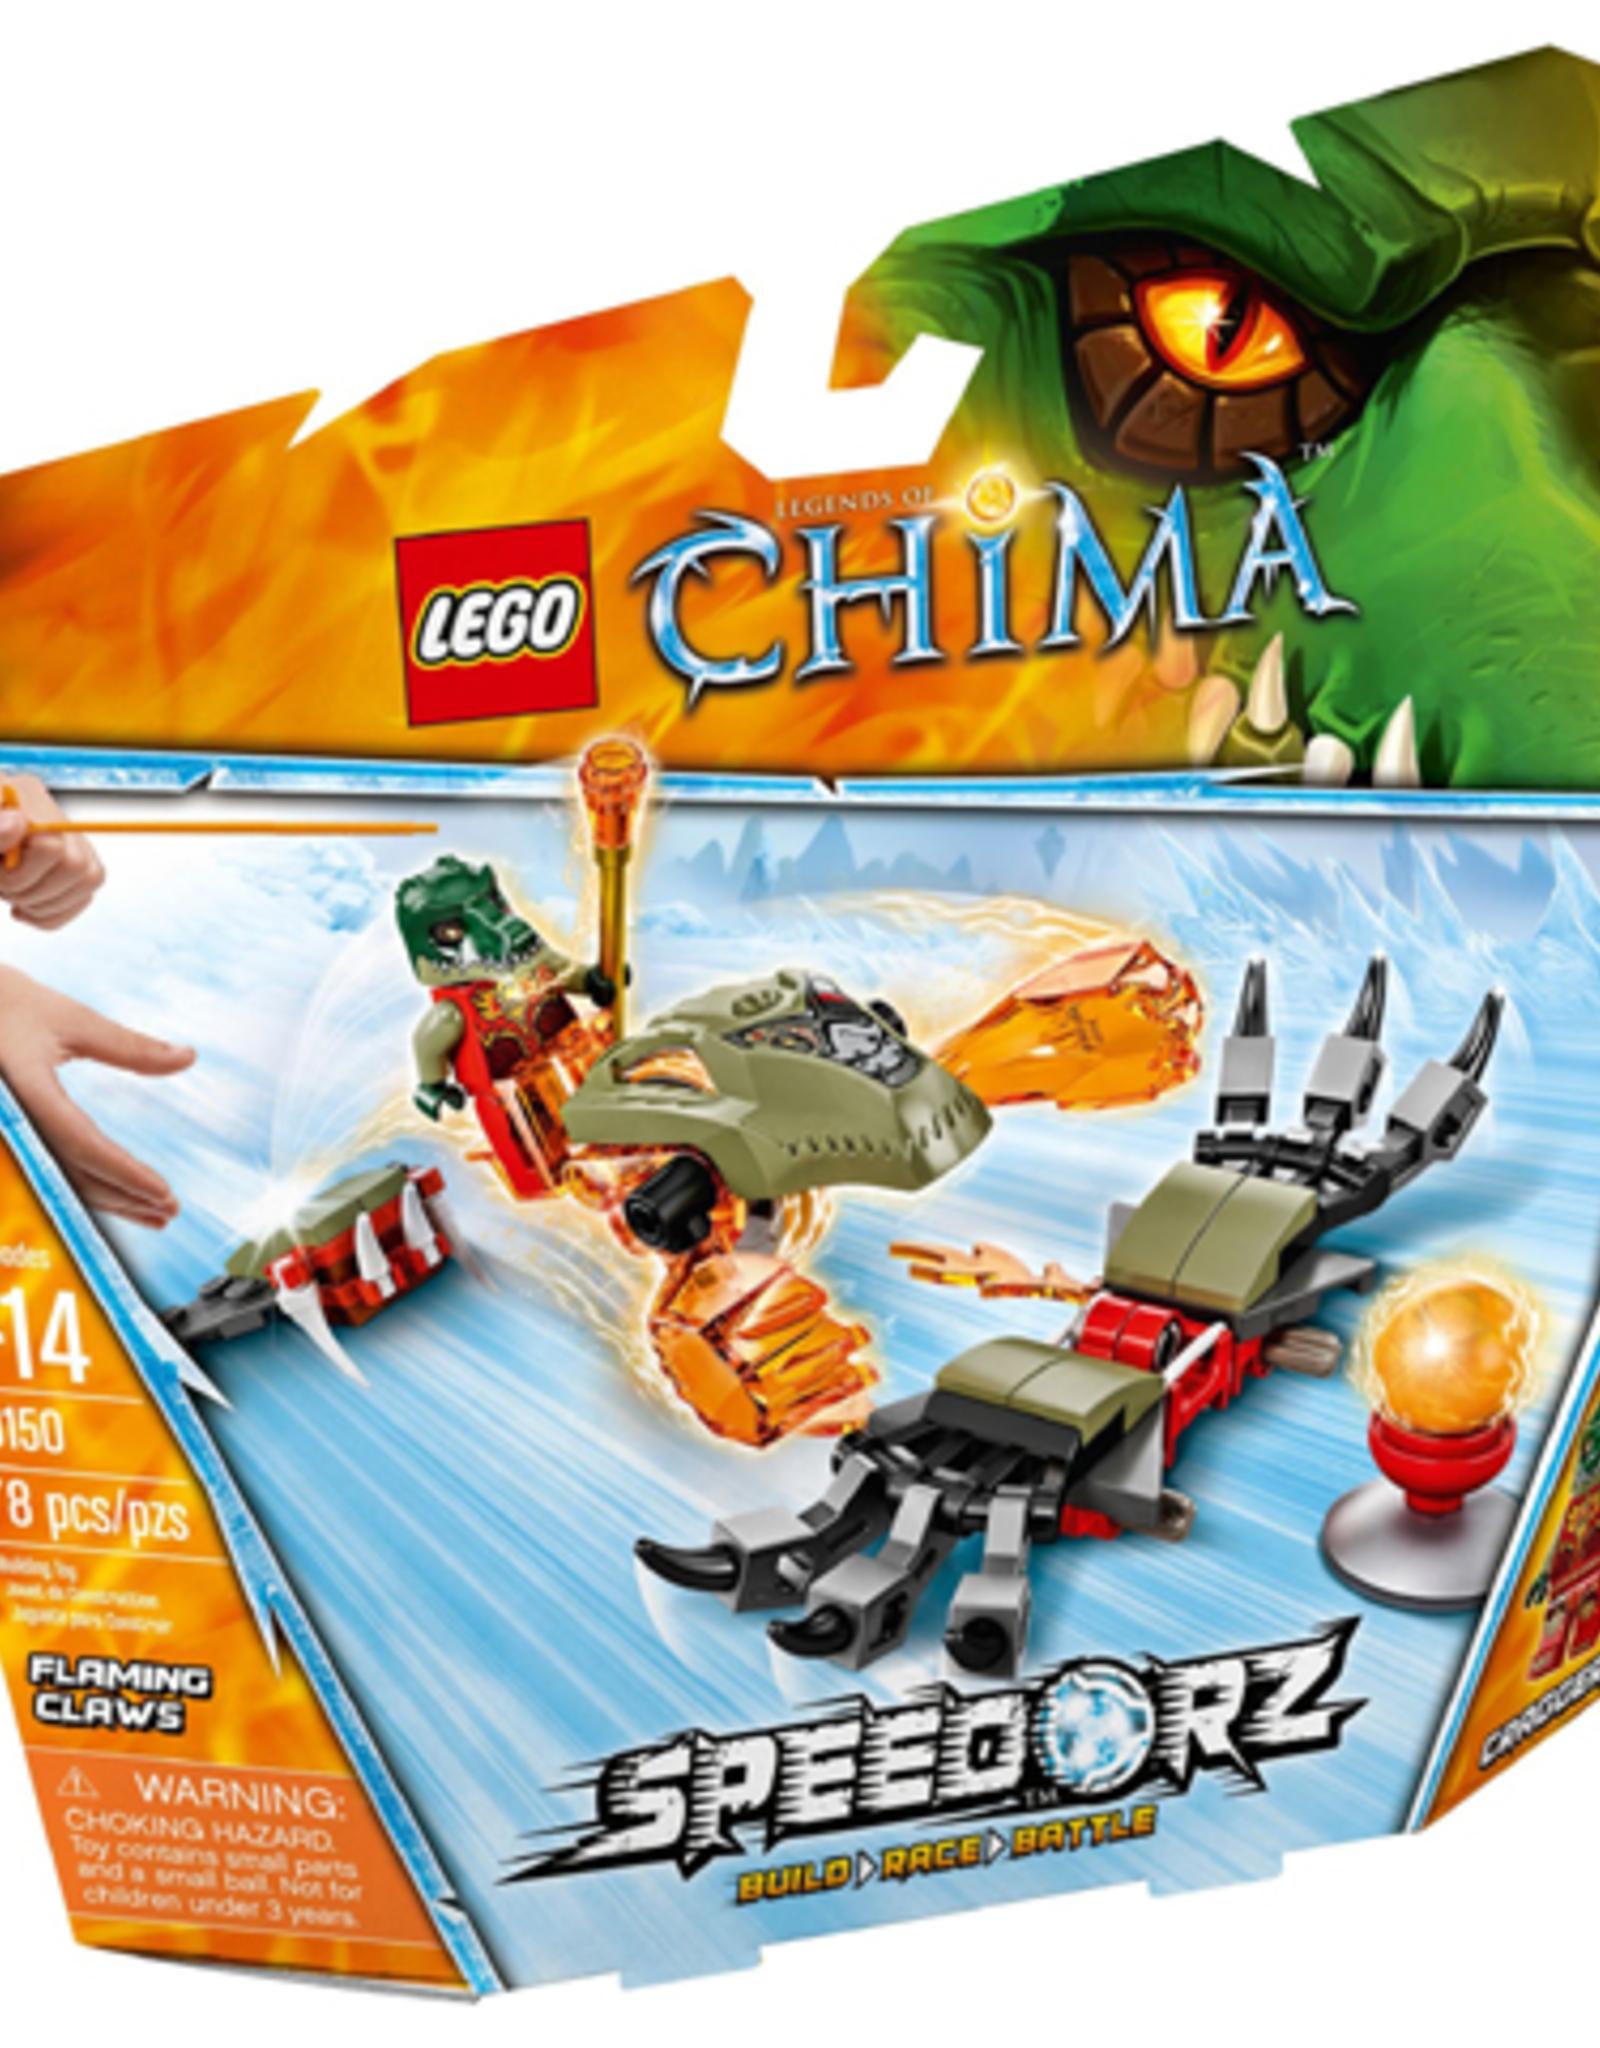 LEGO LEGO 70150 Flaming Claws CHIMA